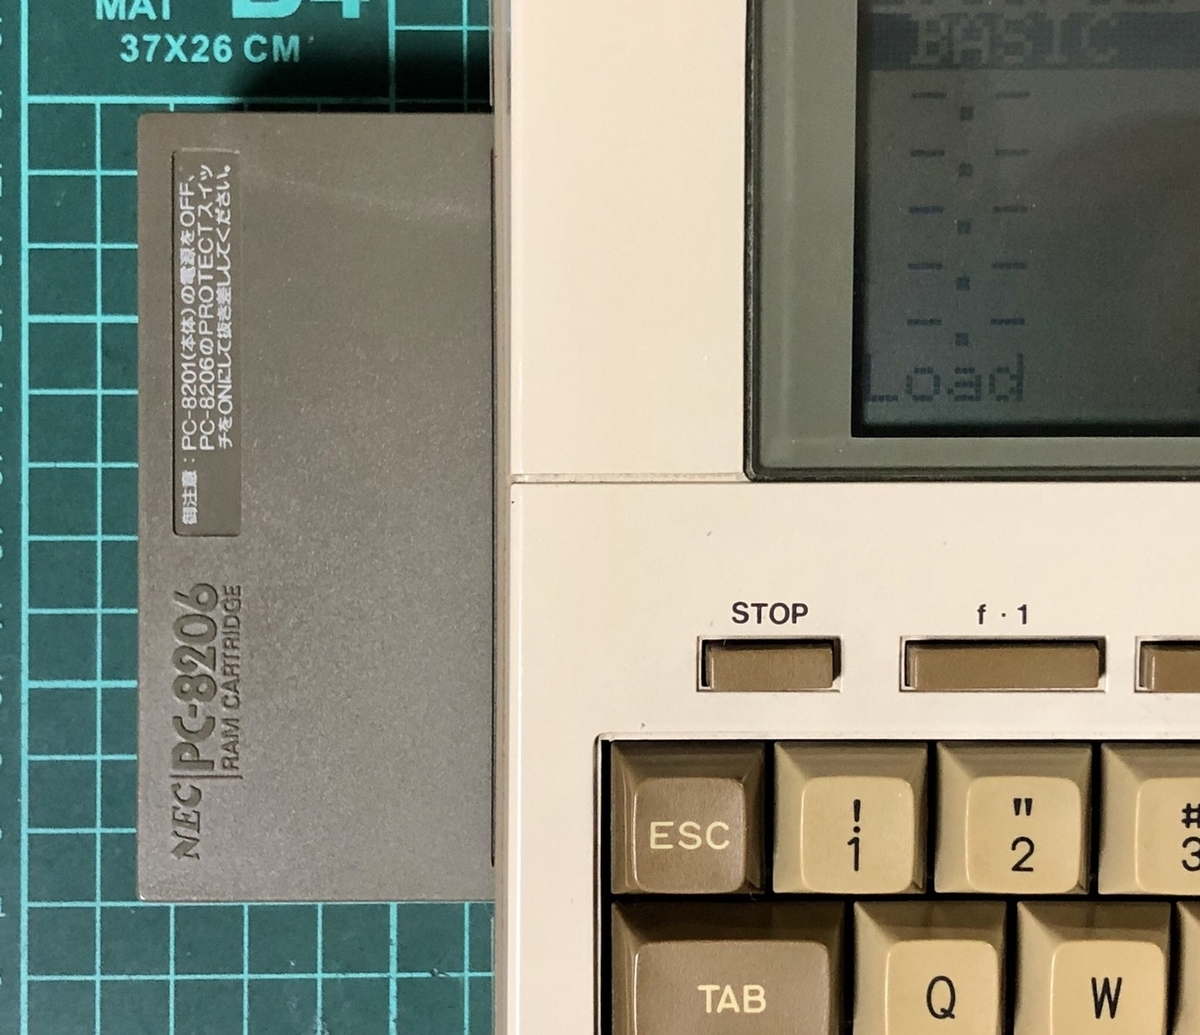 f:id:PocketGriffon:20210128211910j:plain